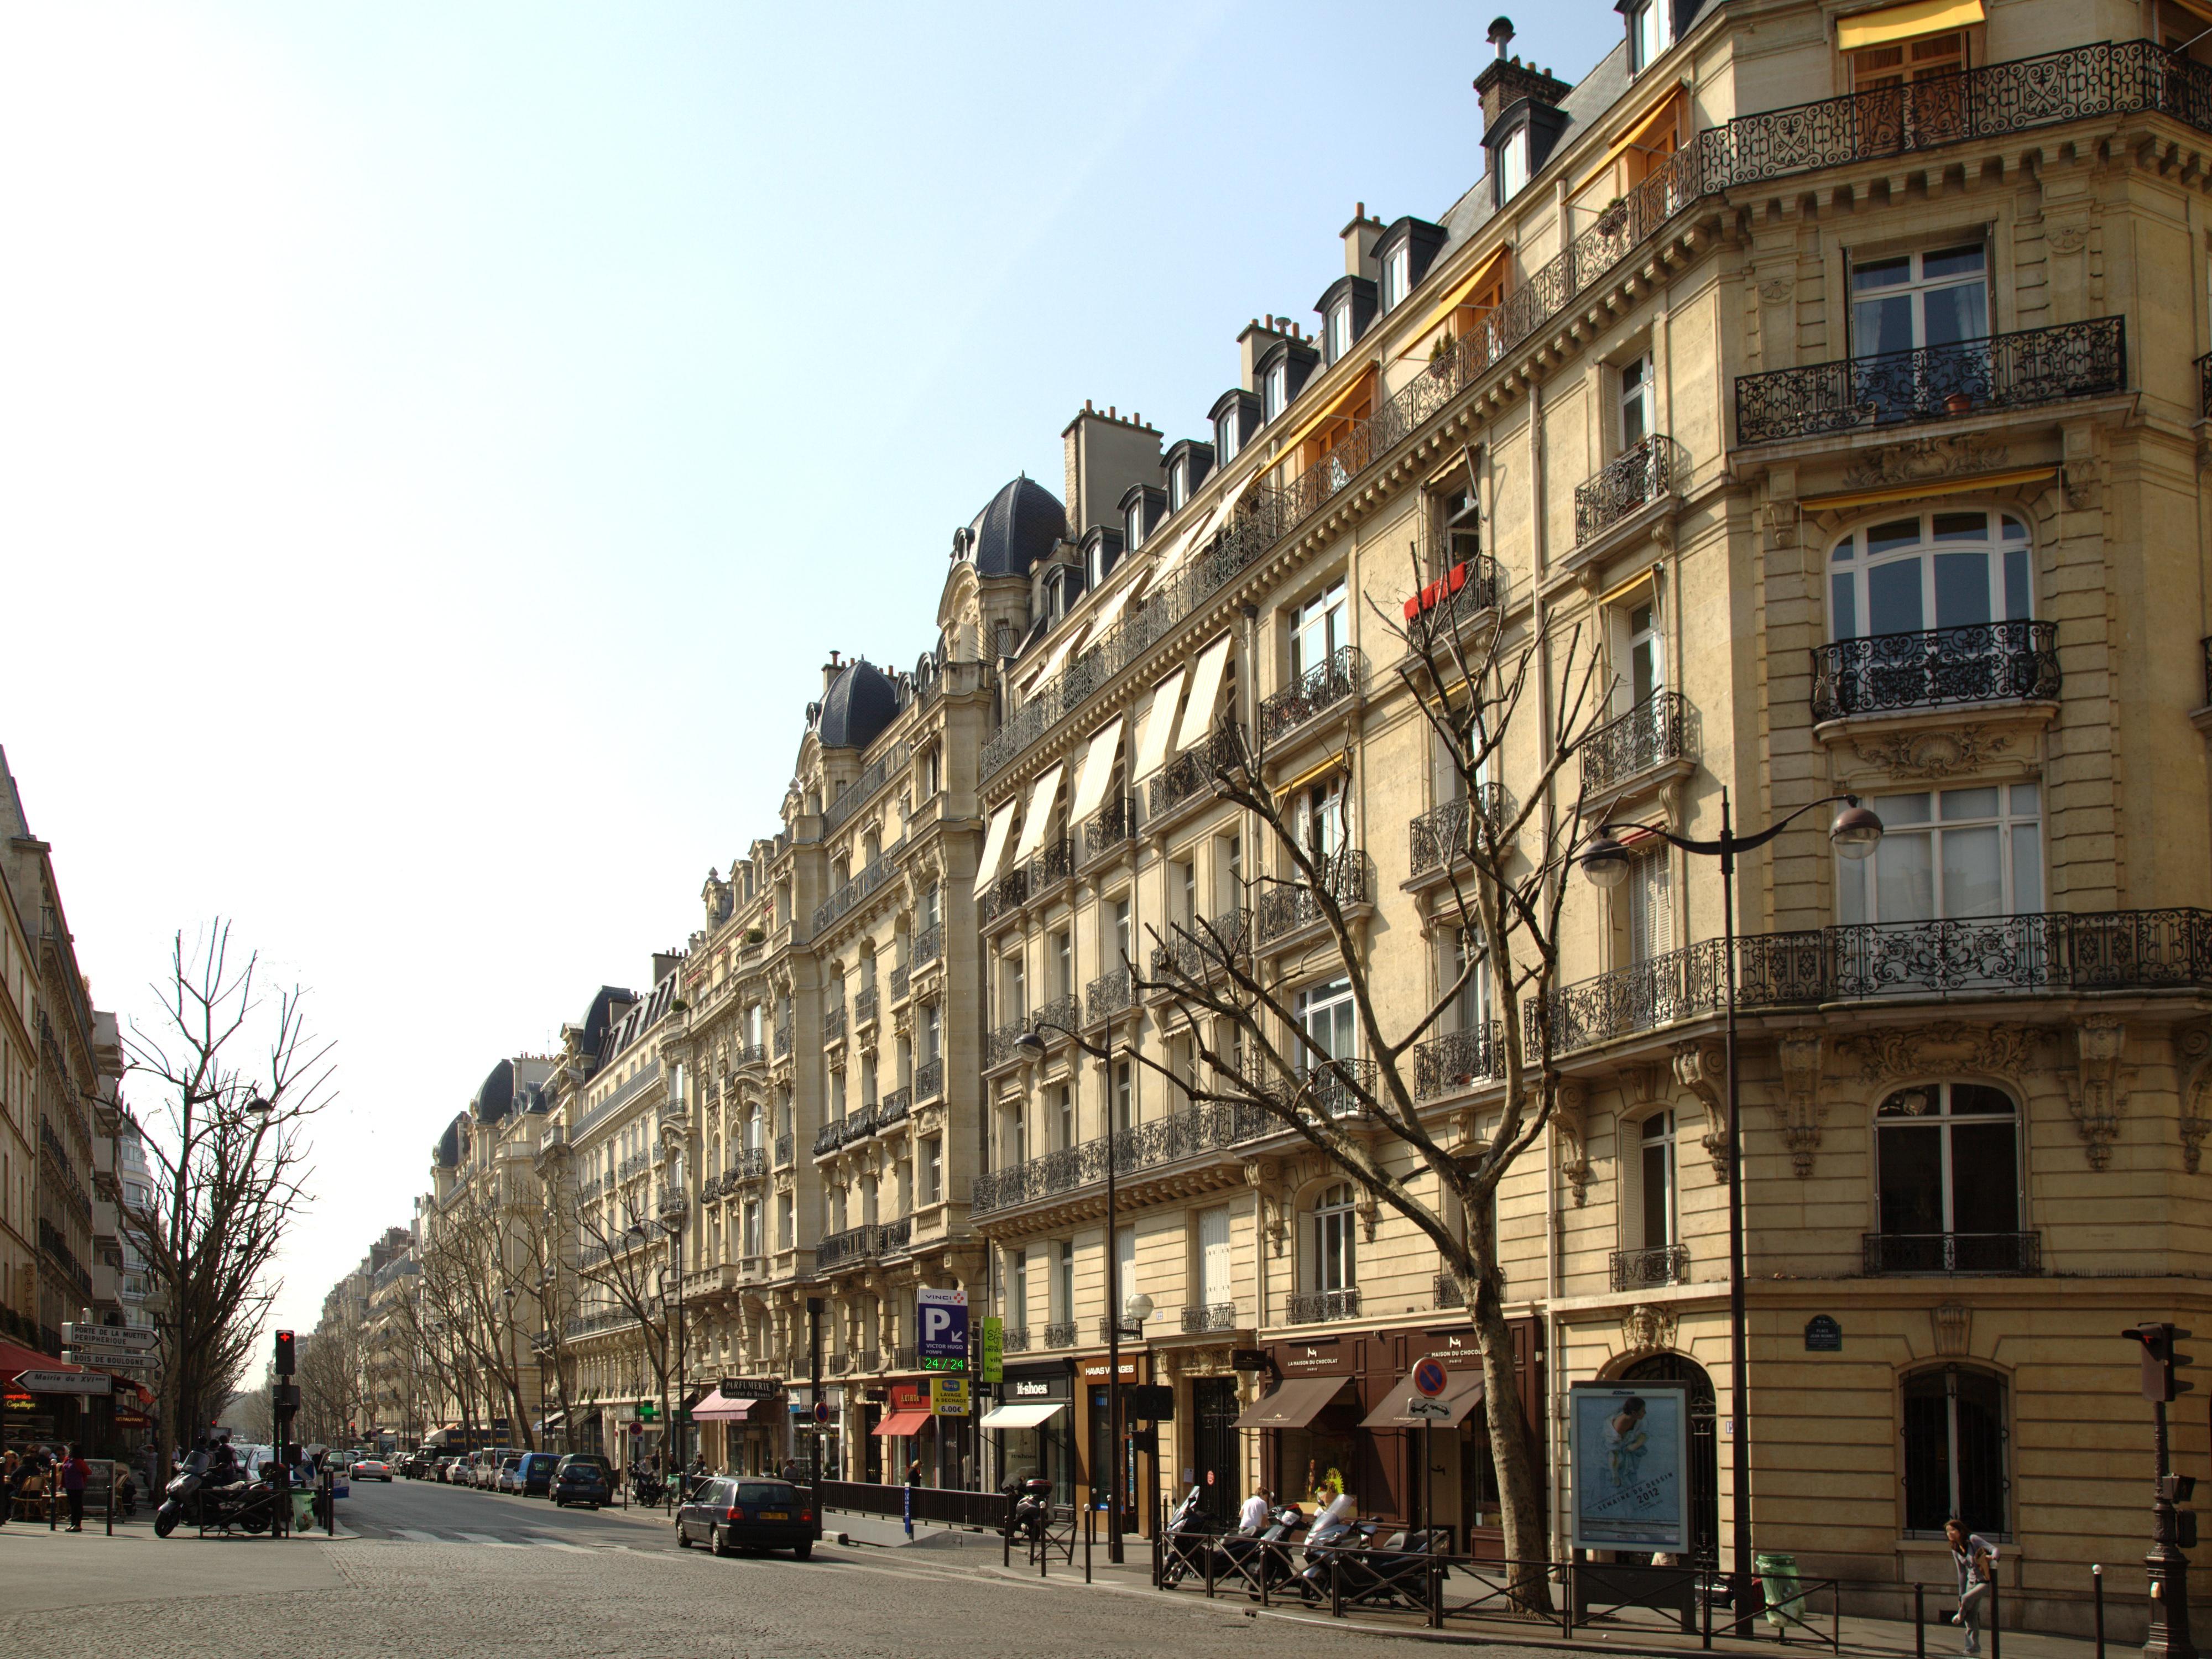 Archivo paris avenue victor wikipedia la enciclopedia libre - Victor hugo paris 16 ...